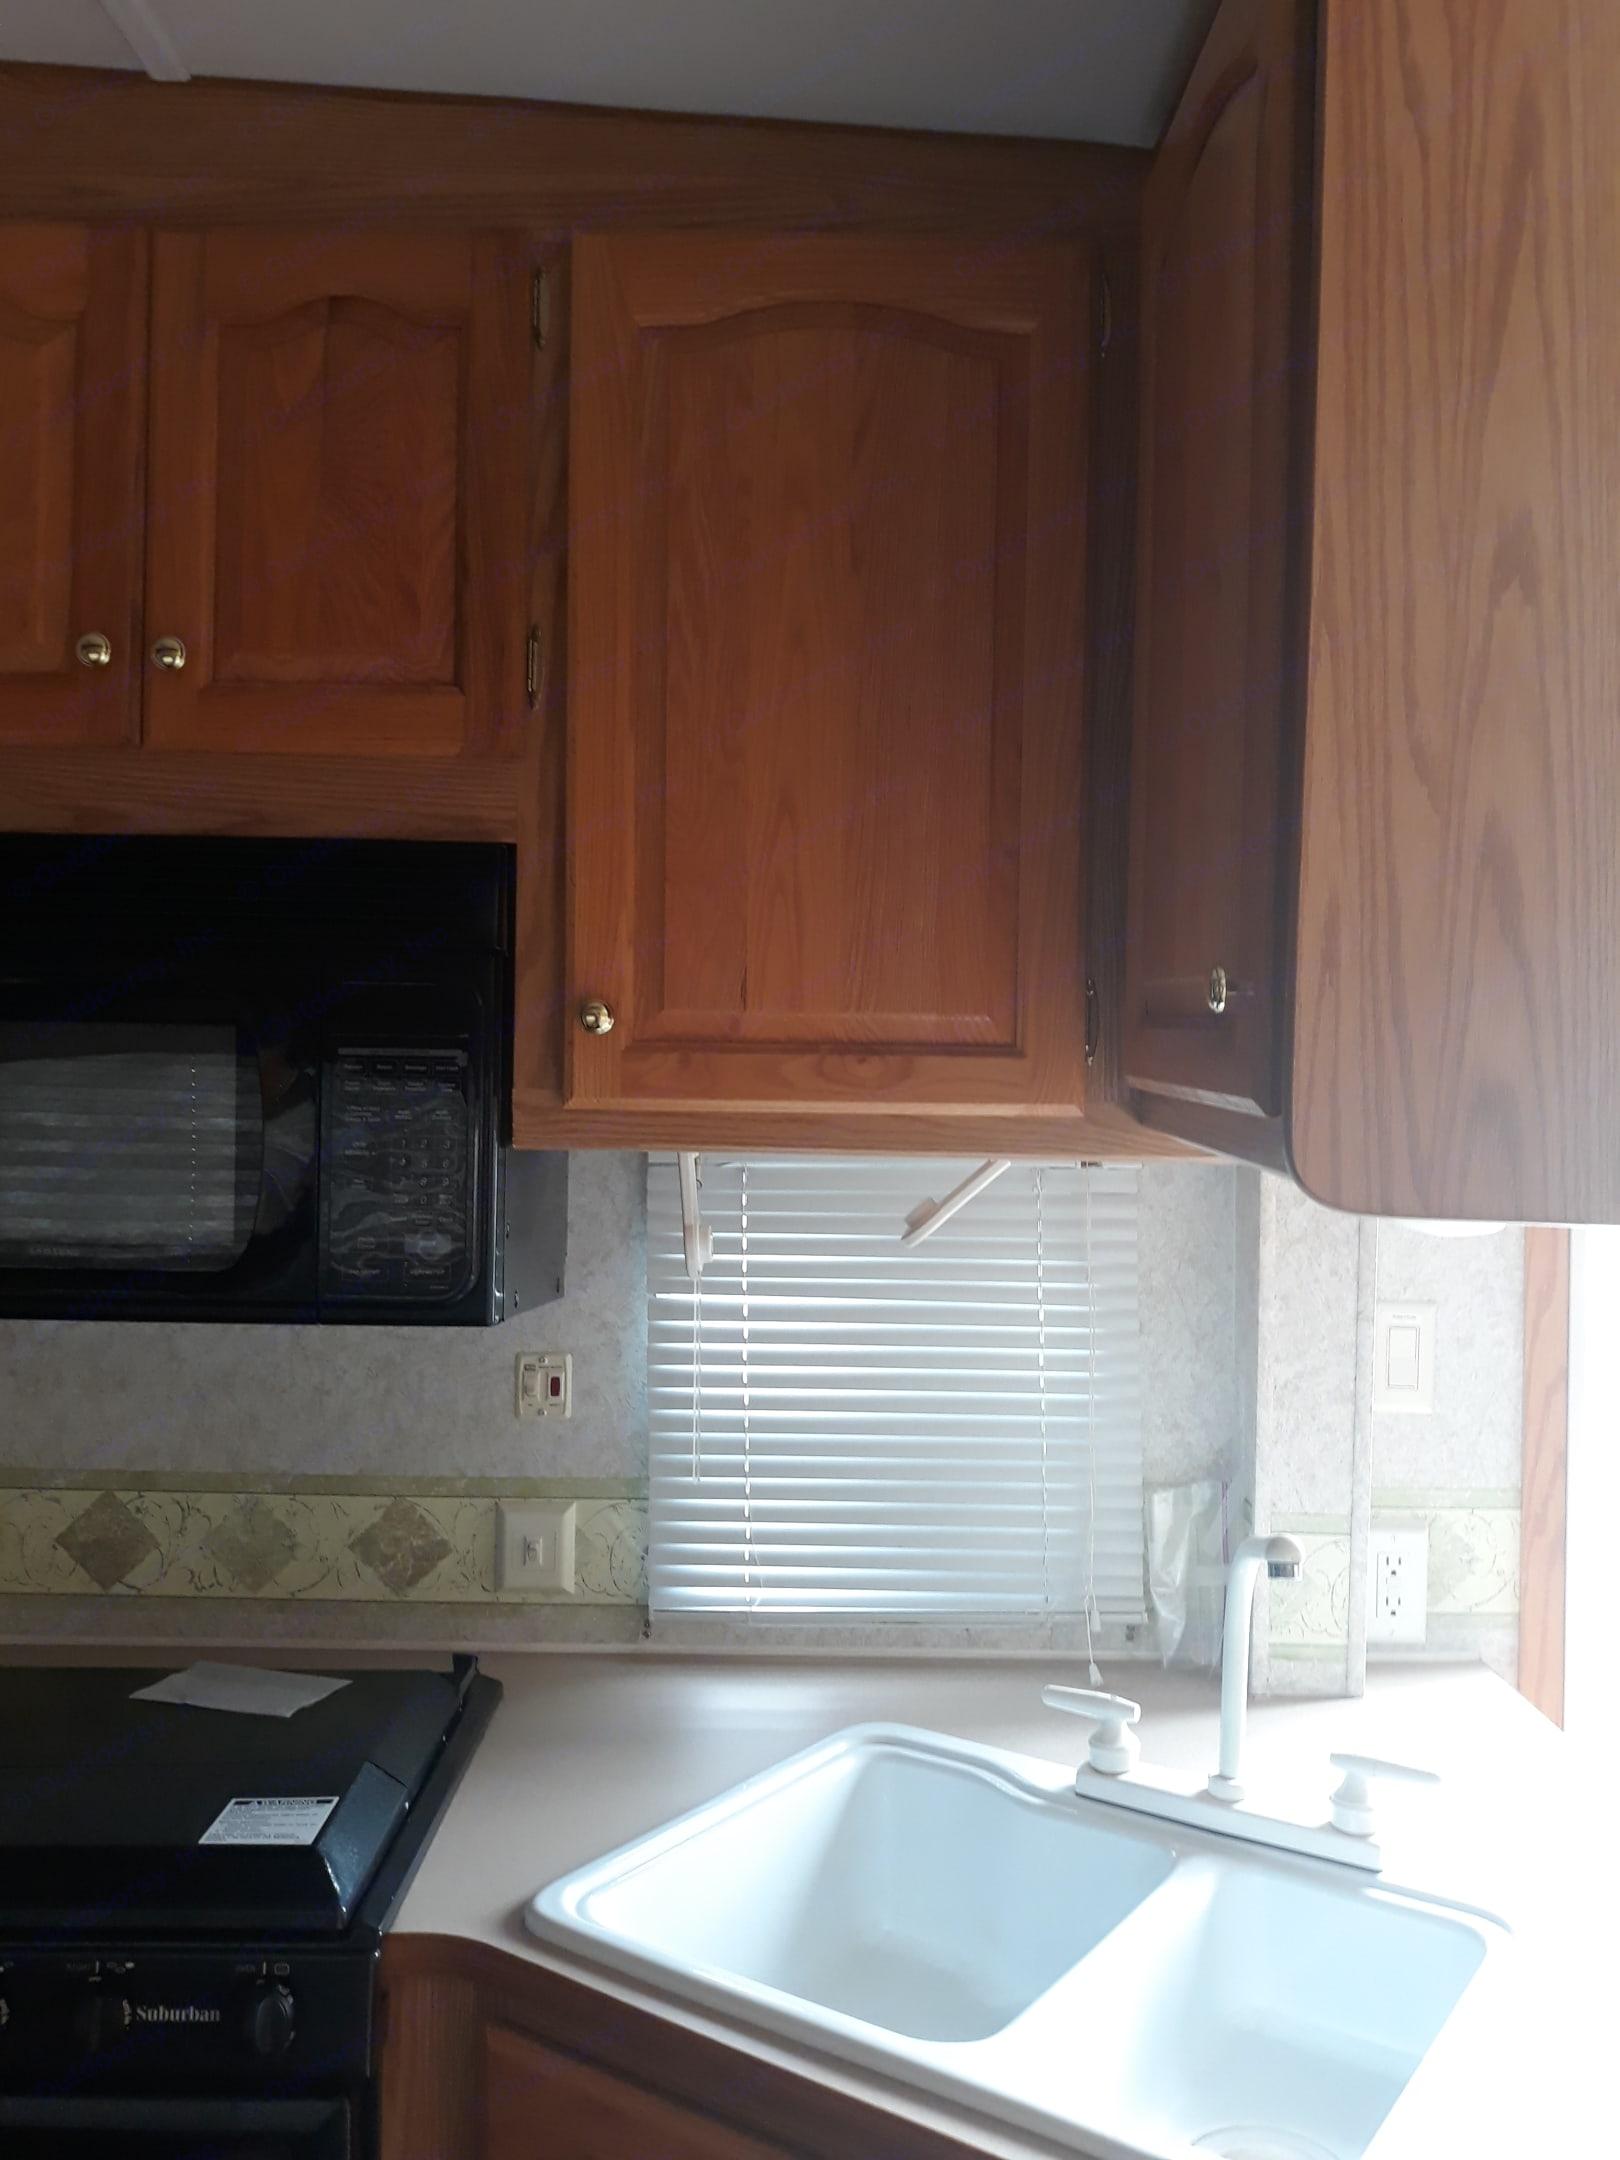 Sink, stove, microwave. Ameri-Camp 290rls 2004